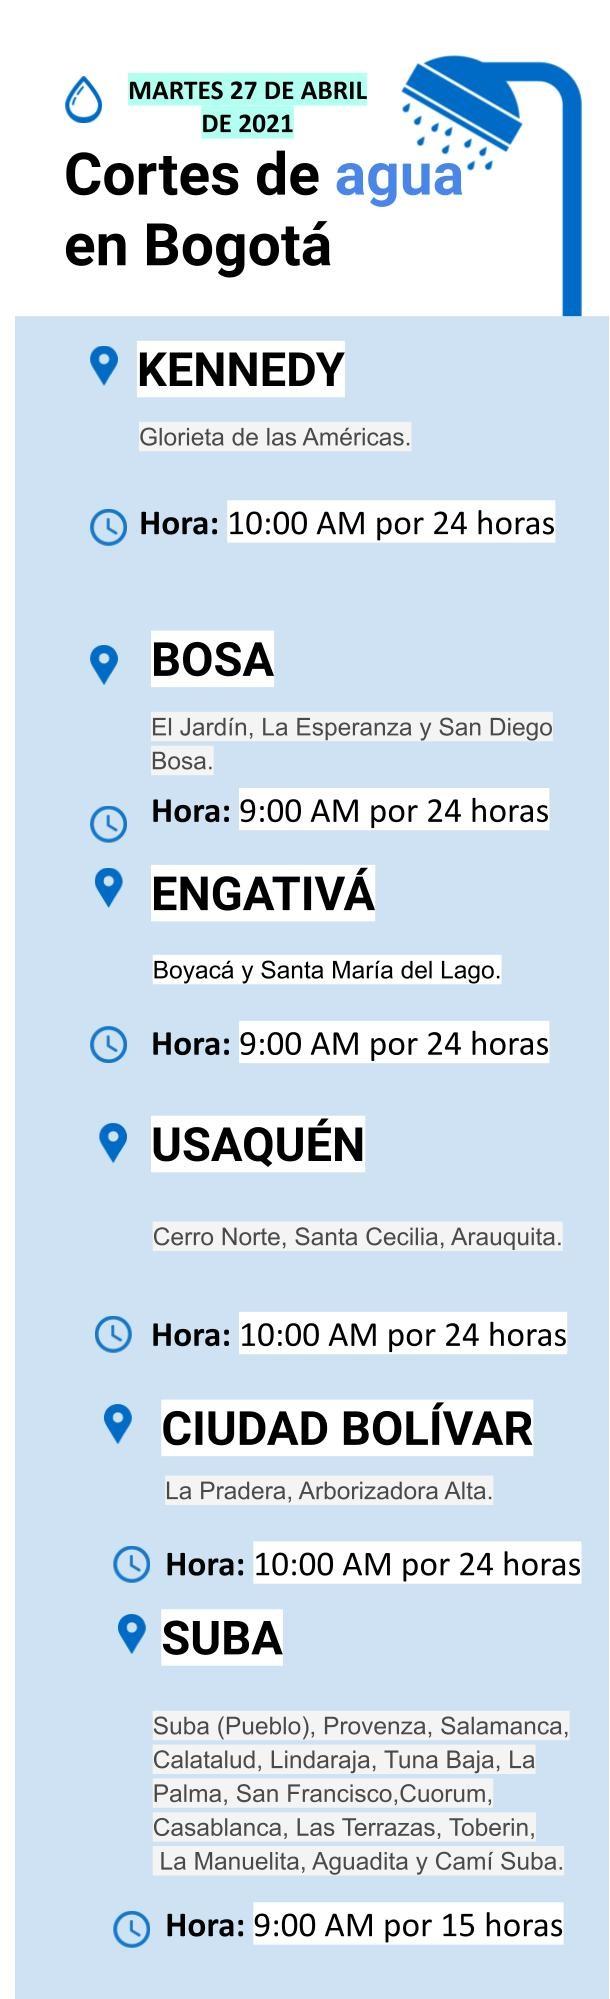 Cortes de agua en Bogotá para el martes